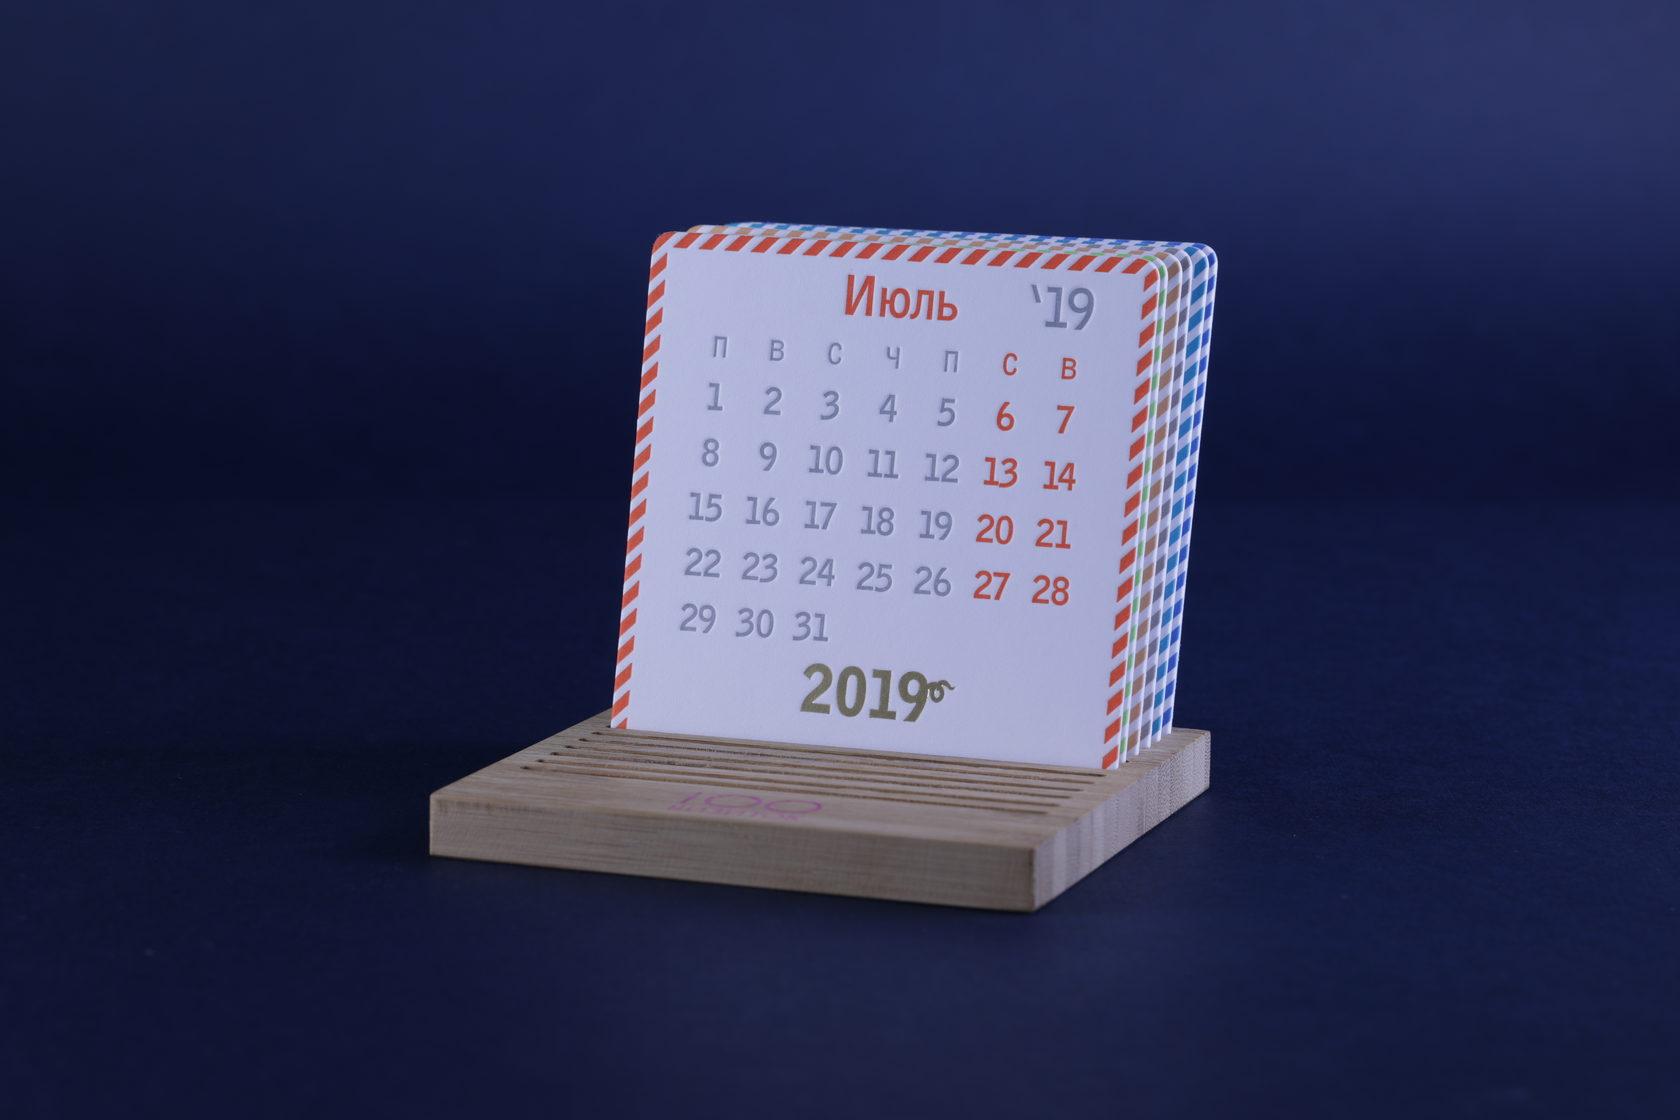 Подставка для календаря из бамбука